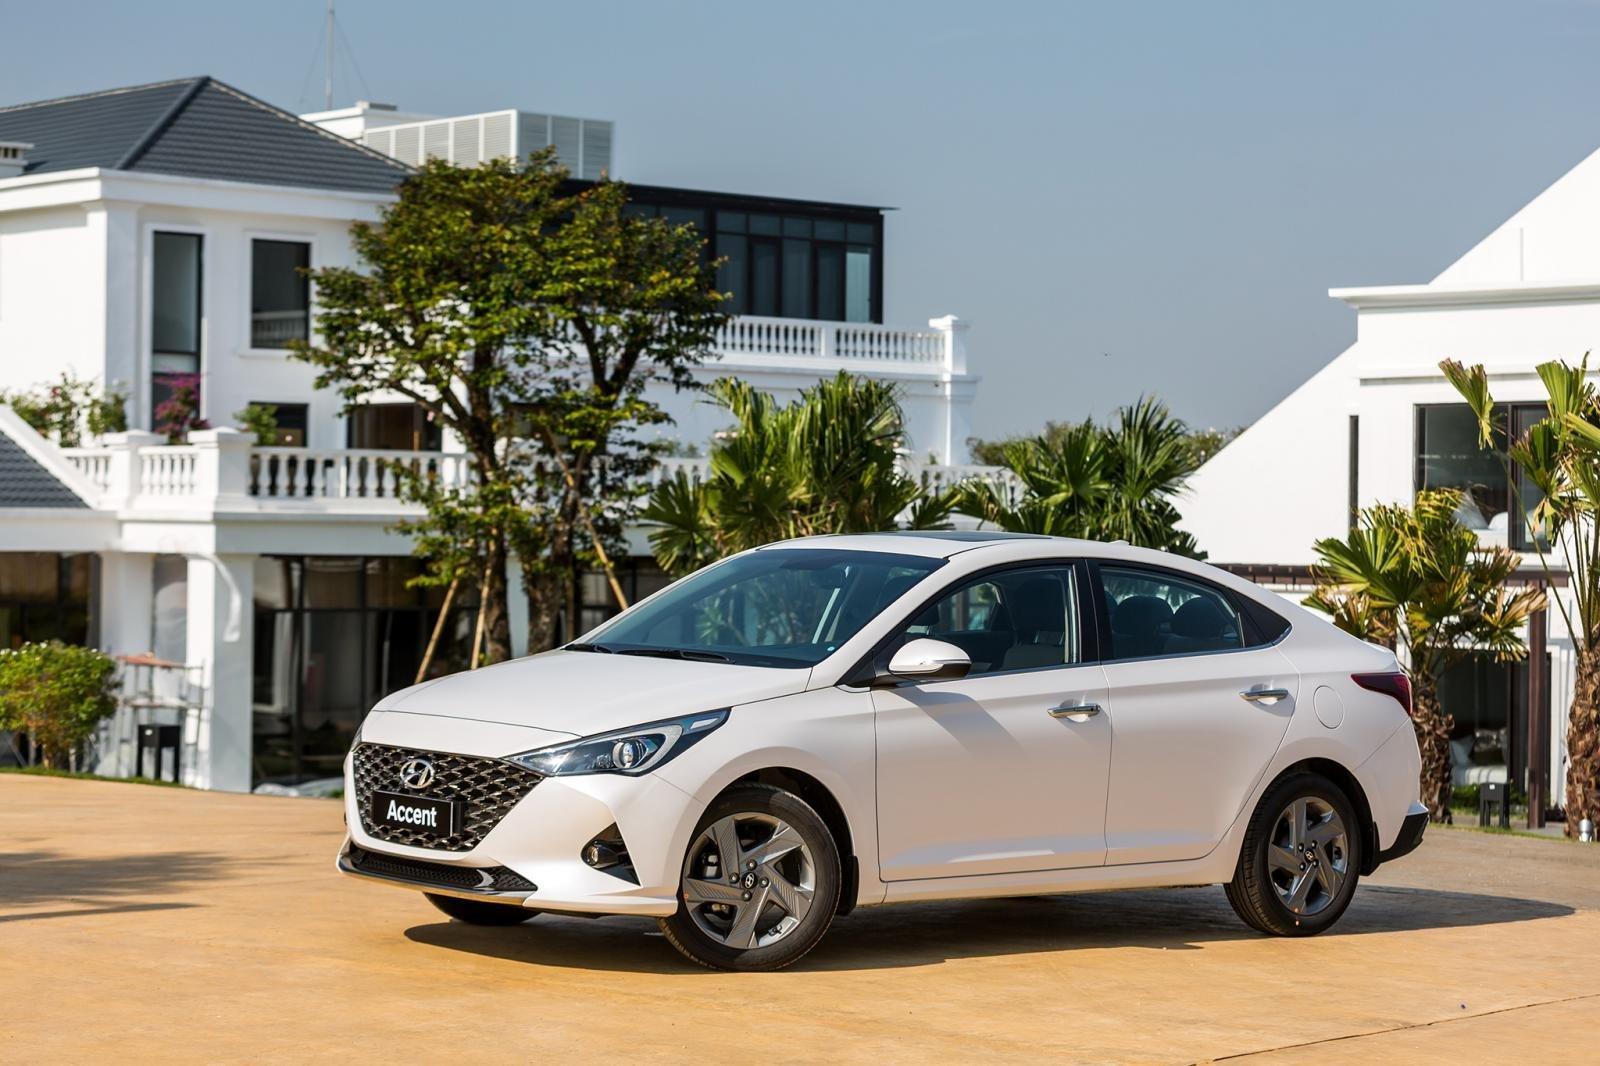 Hyundai Accent 2021 sở hữu ngoại hình ấn tượng sau lần cải tiến mới đây 1